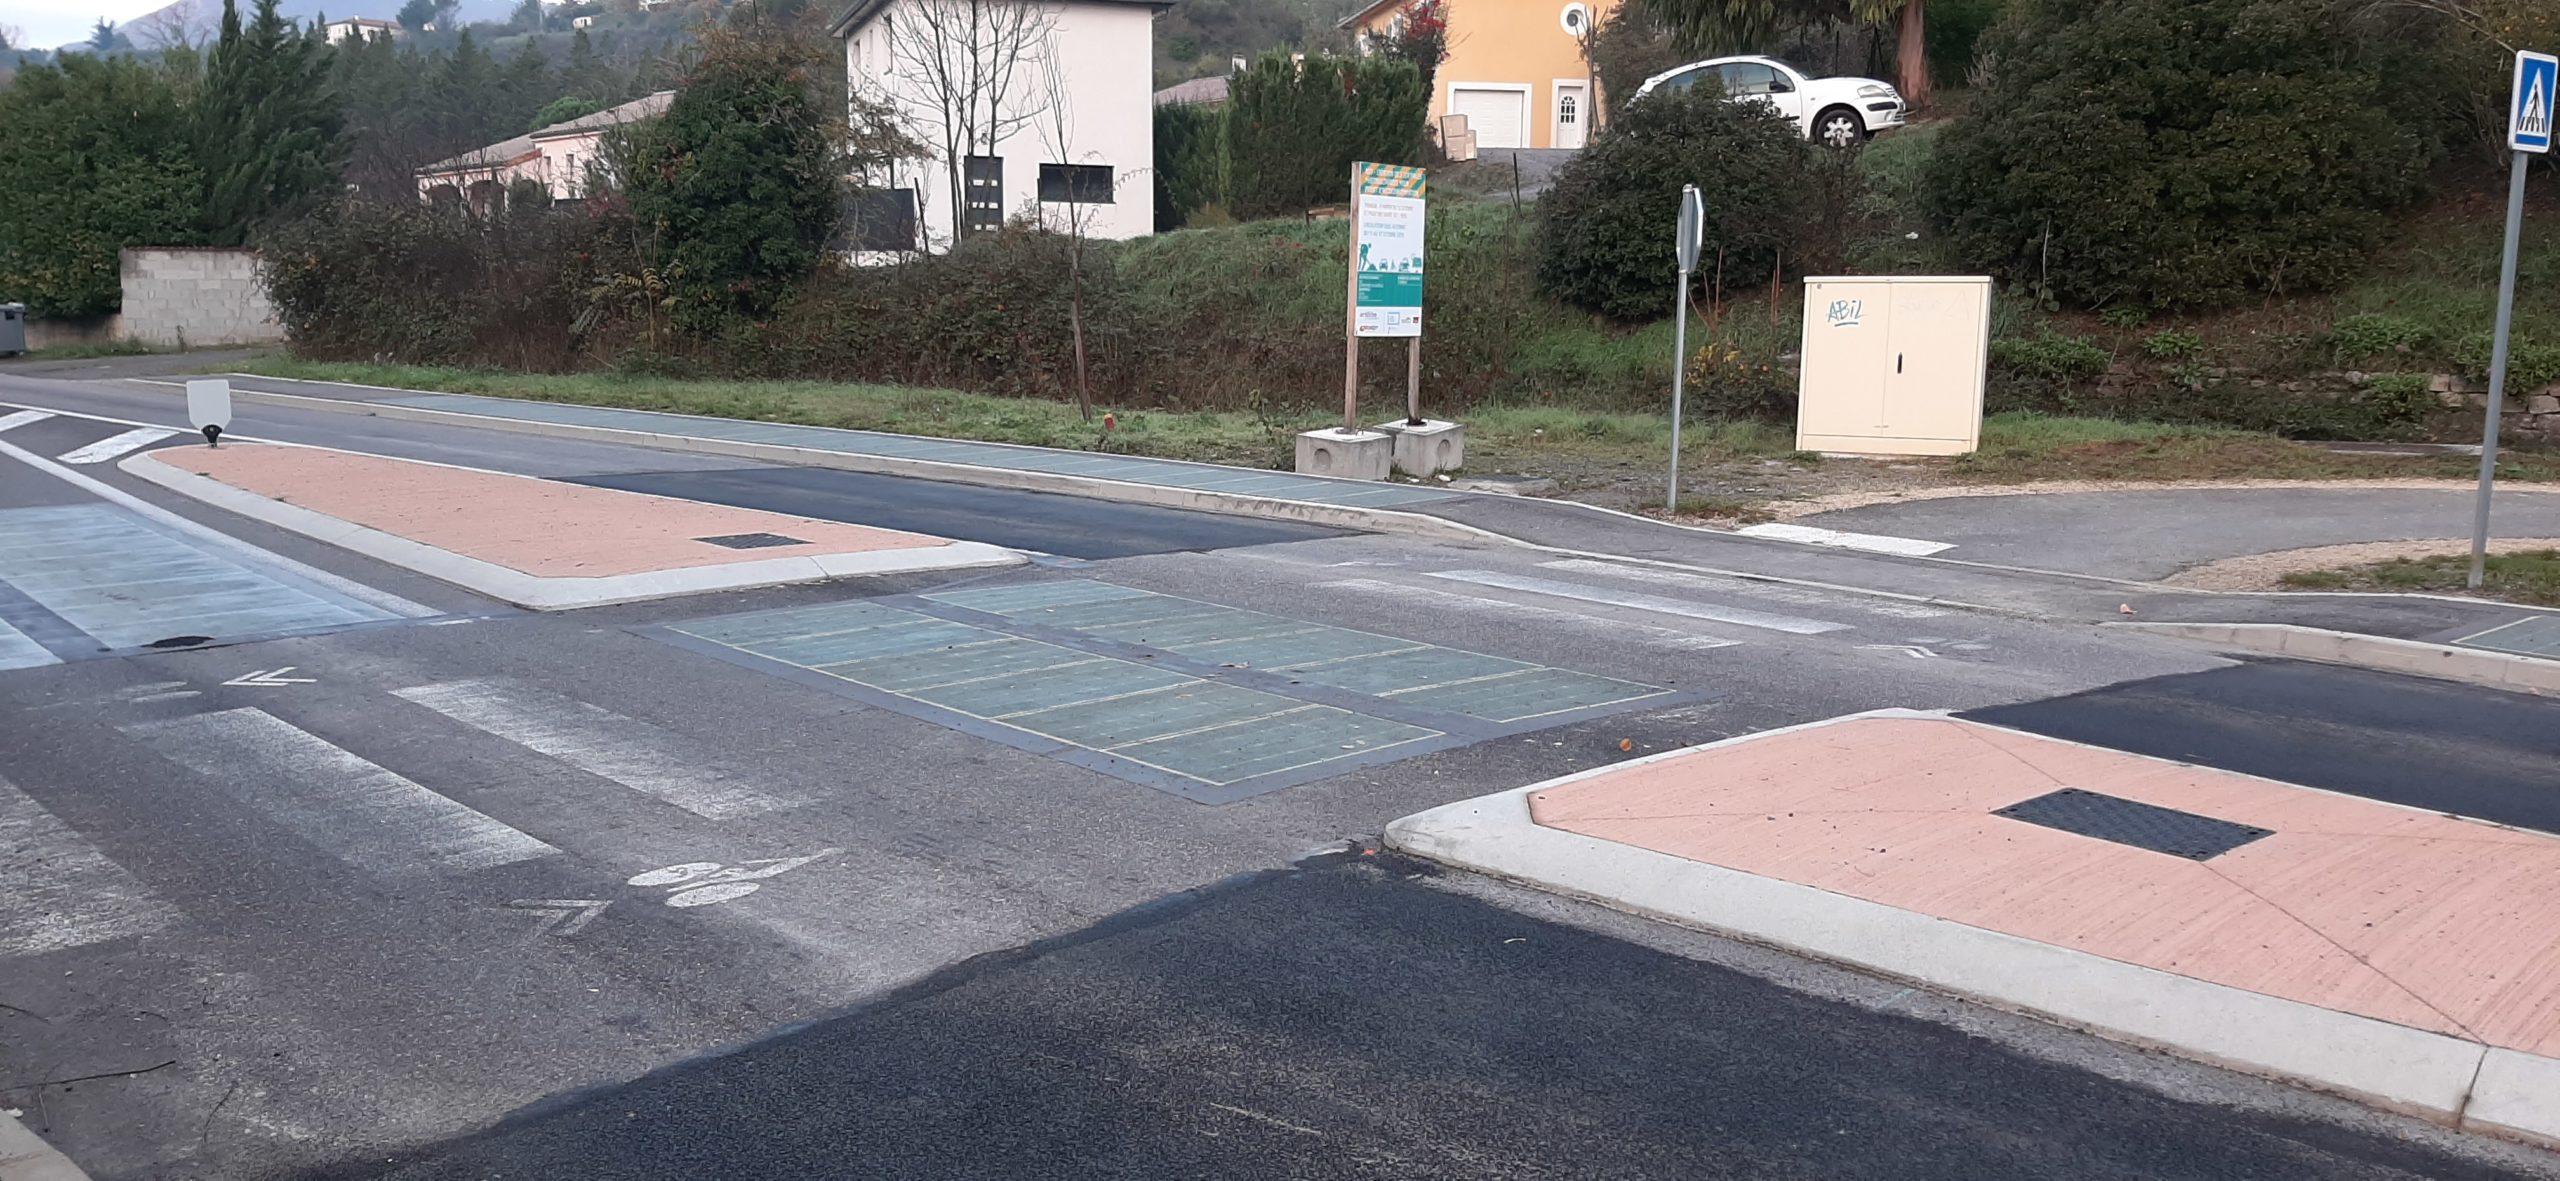 Trois centrales photovoltaïques en autoconsommation collective pour l'Ardèche et le SDE07